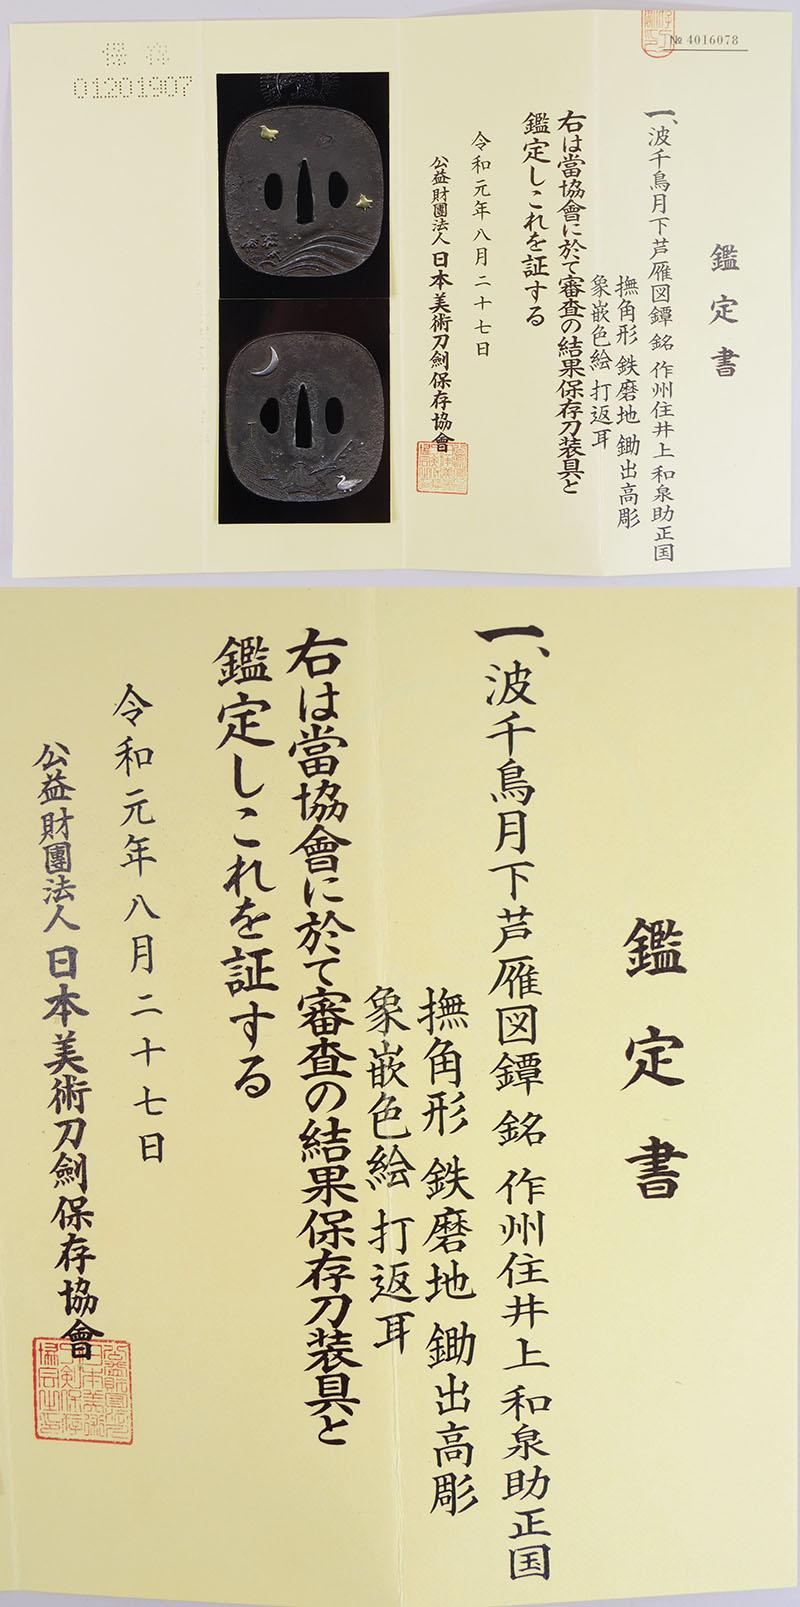 波千鳥月下芦雁図鍔 作州住井上和泉助正国 Picture of Certificate